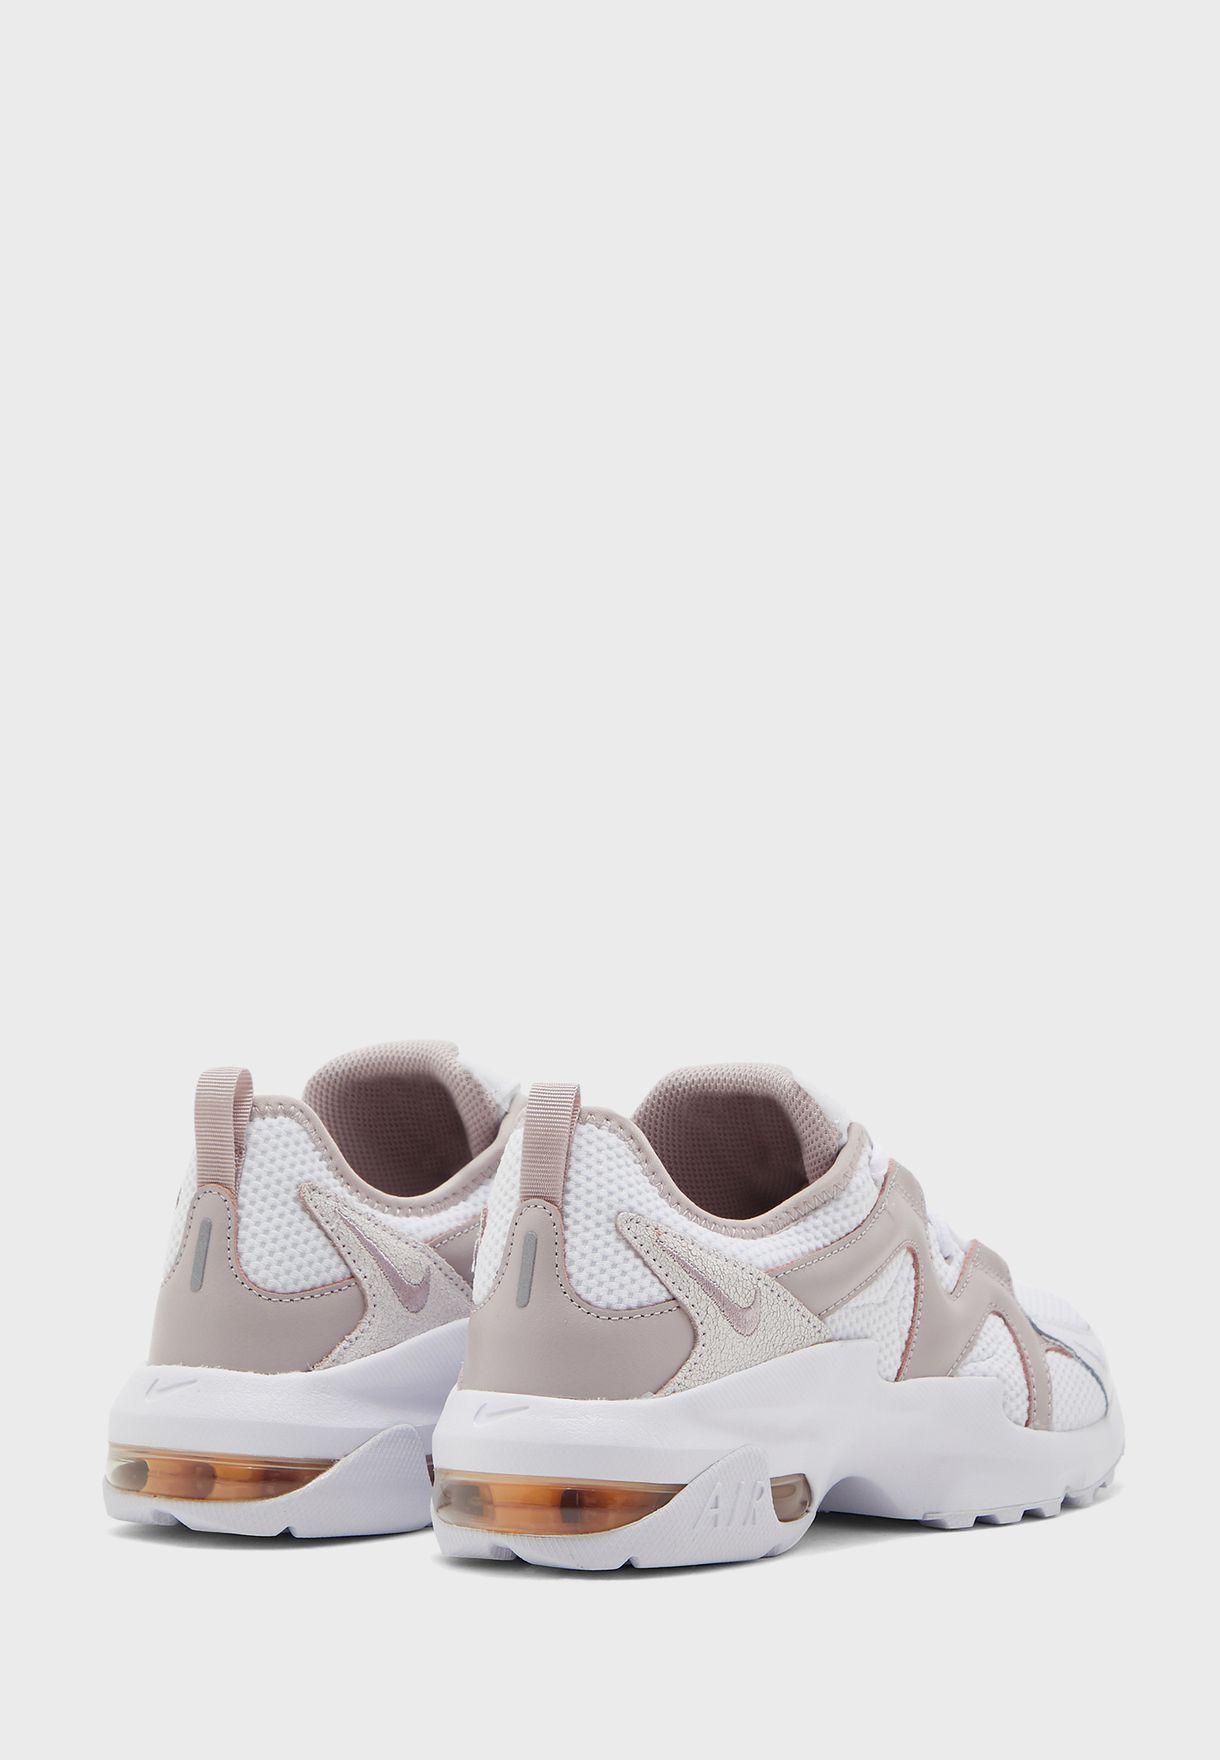 حذاء اير ماكس جرافيشن